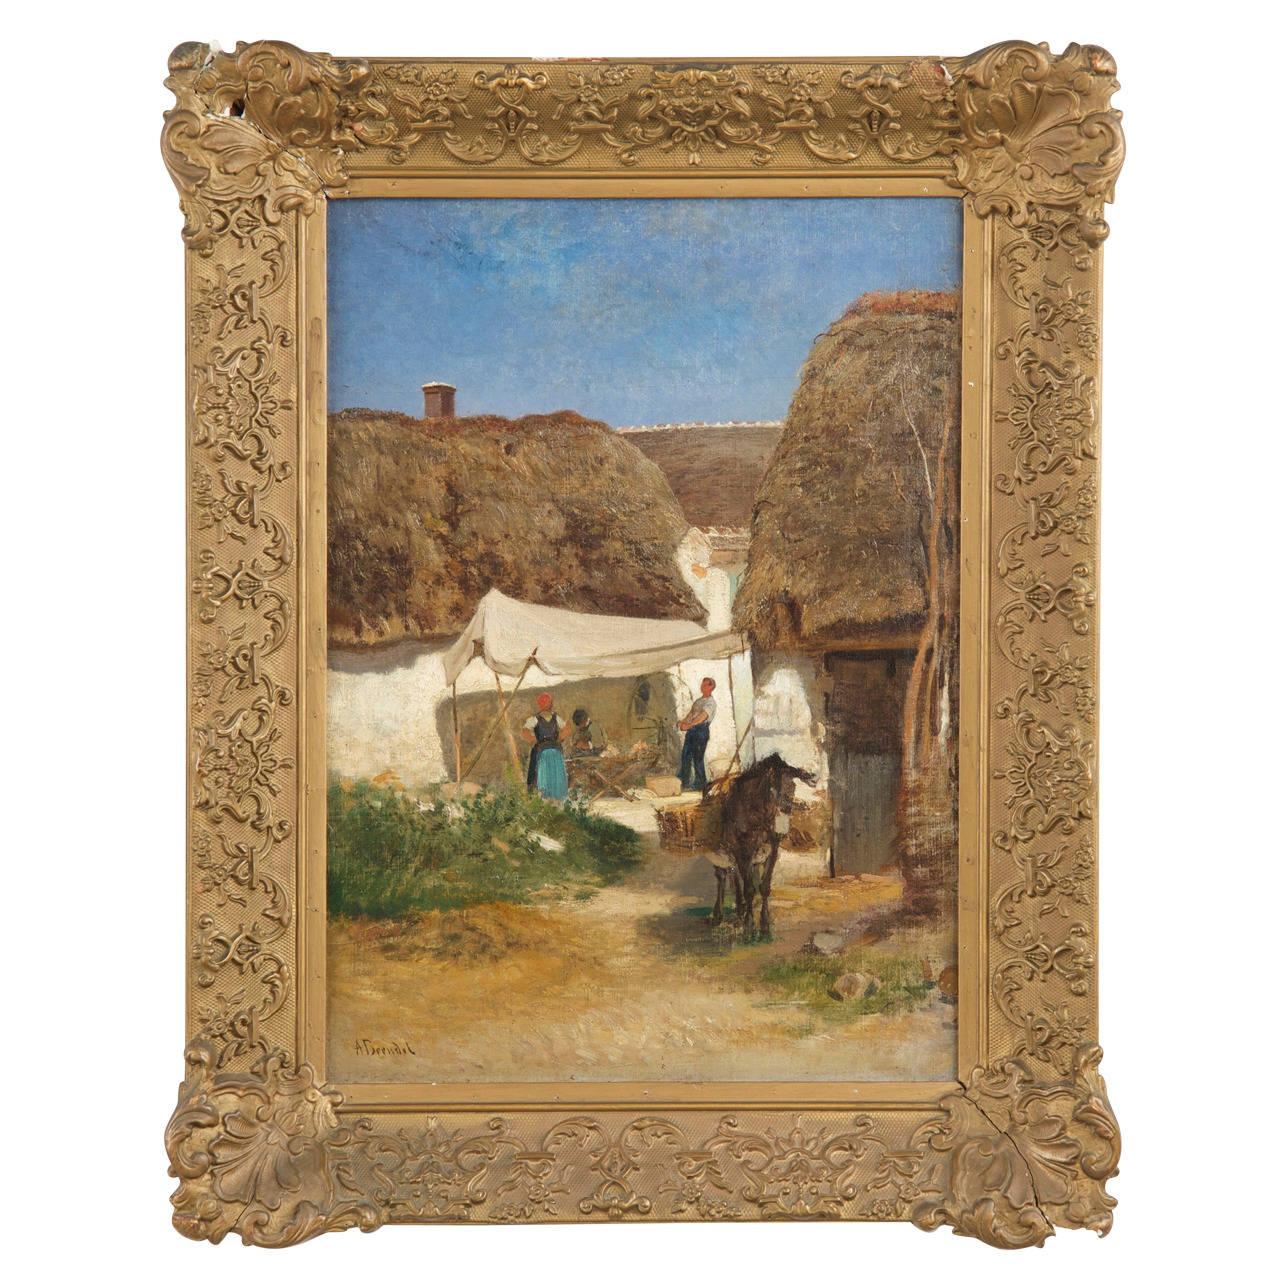 German Antique Oil Painting of Rural Village by Albert Brendel, 19th Century